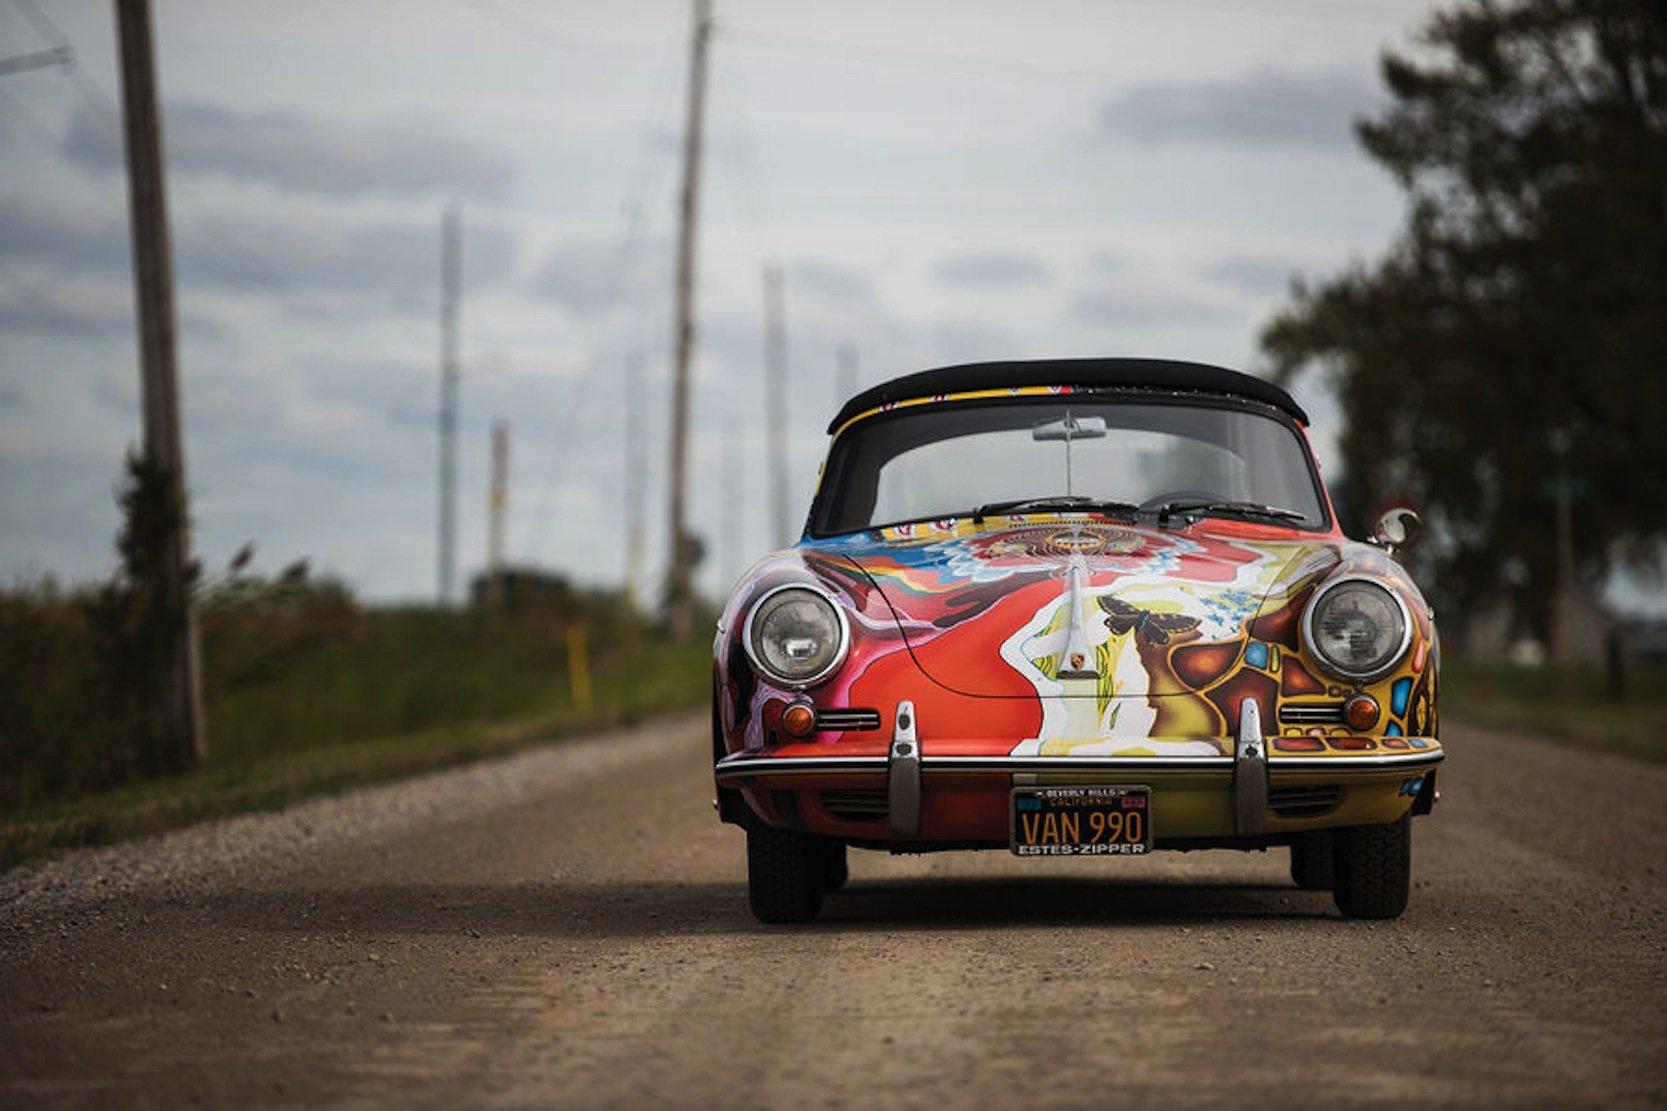 Das Porsche 356 Cabrio von Janis Joplin – bemalt im Hippie-Stil der 1960-er Jahre – kommt bei Sothebys unter den Hammer.